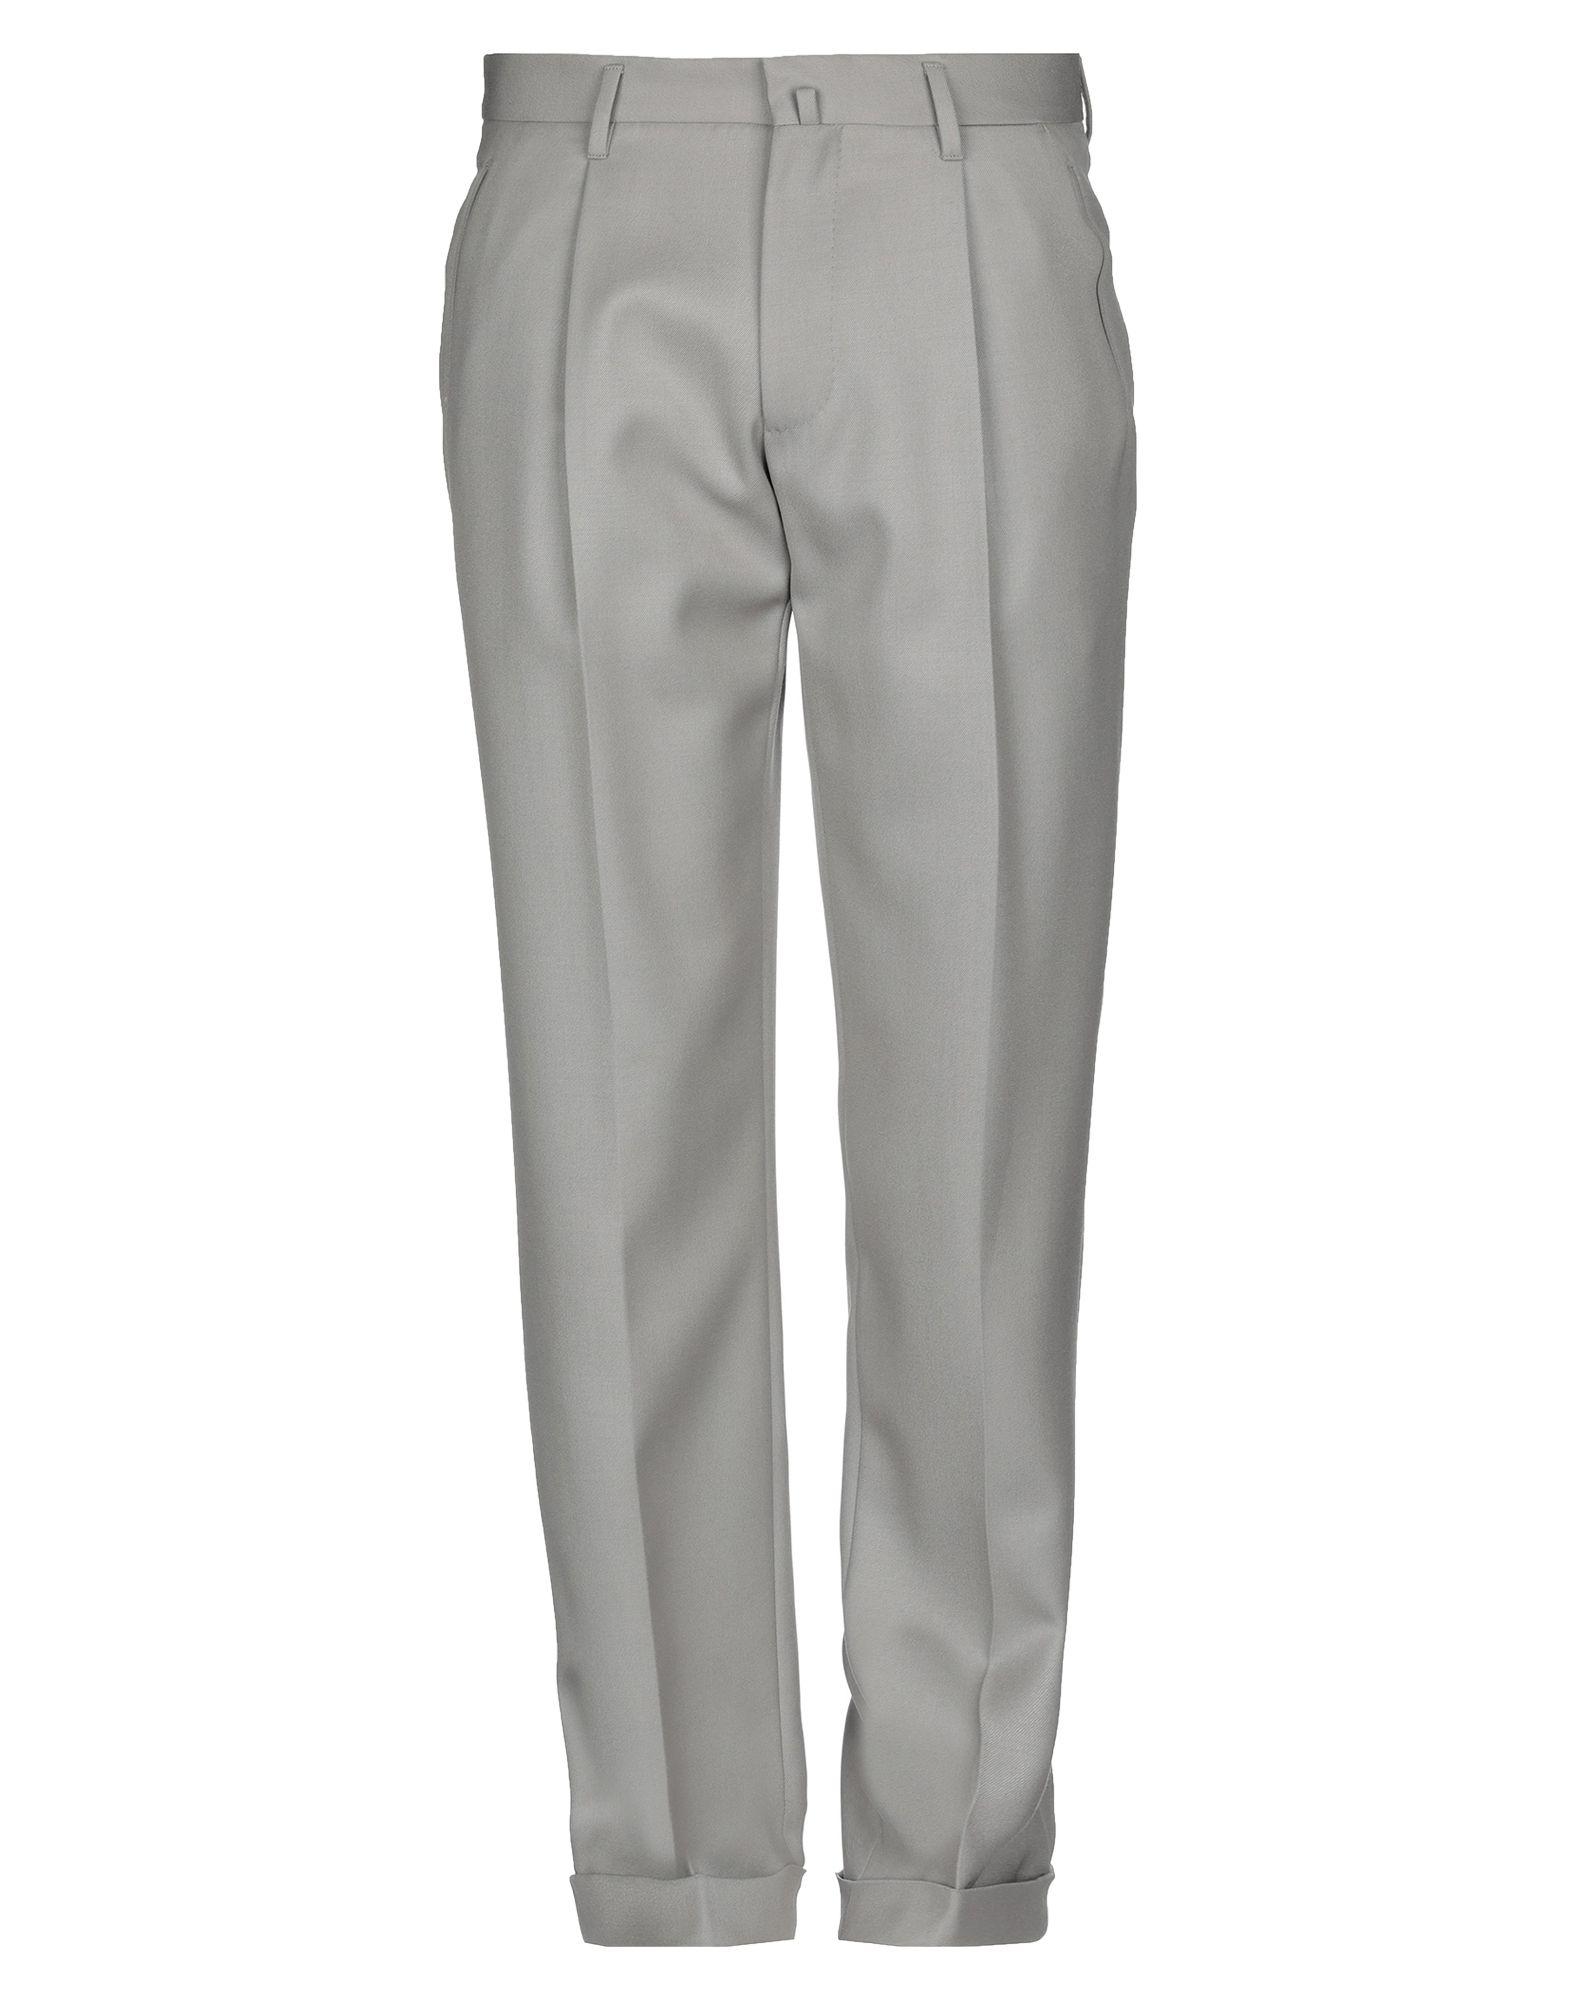 Pantalone Pantalone Pantalone Gta Il Pantalone uomo - 13356796AM 92e